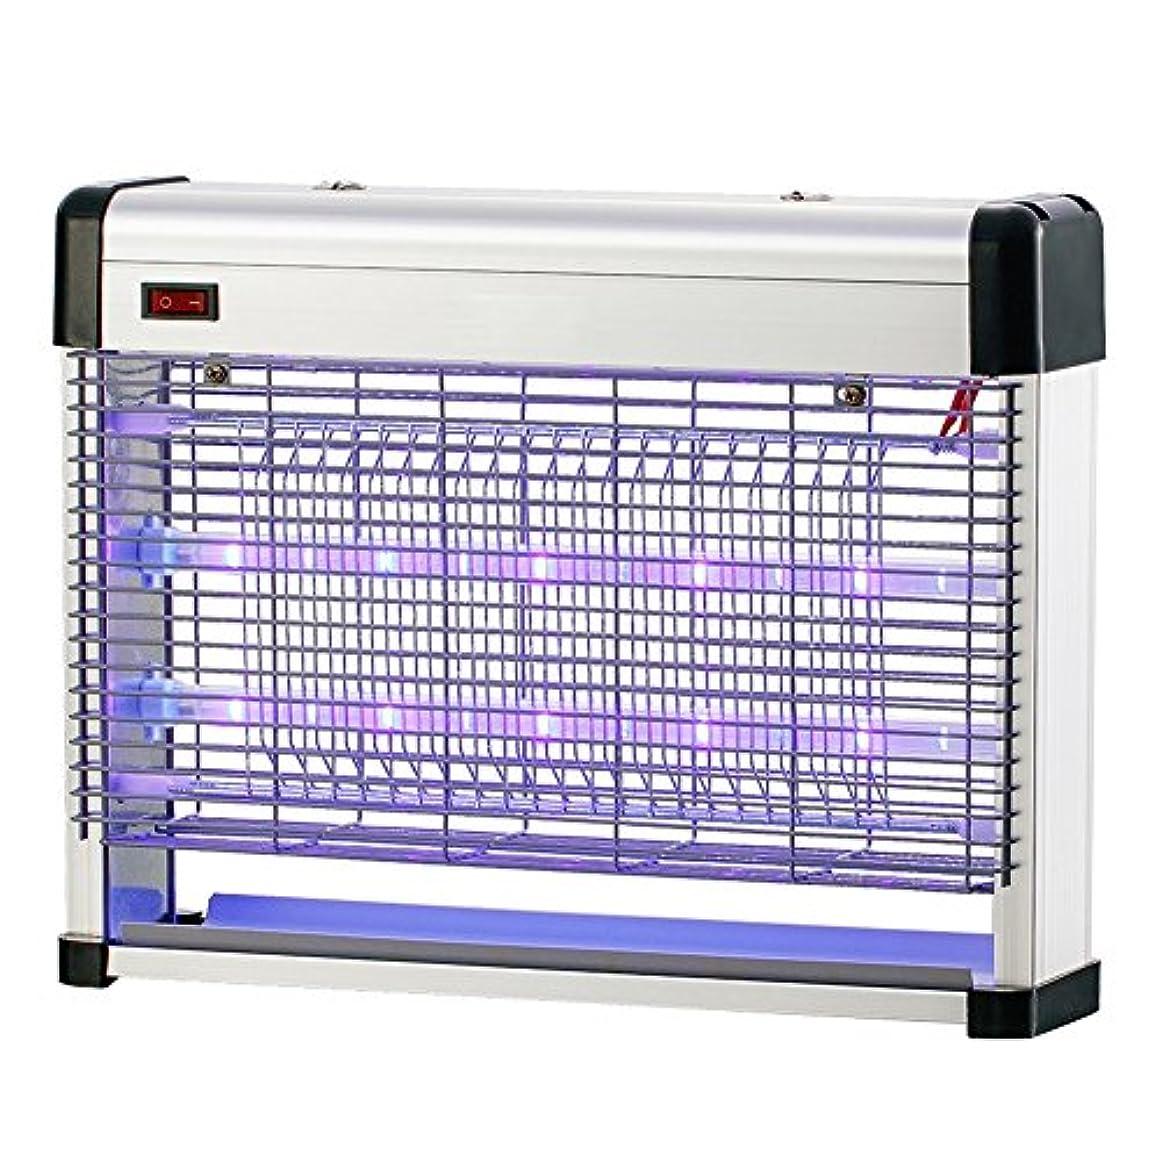 の中で柔らかい貨物LIXIONG 蚊ランプ 電気ショックタイプ LED省エネランプチューブ 無放射線 環境を守ること 蚊を忌避するアーティファクト レストラン ビジネス 屋内、 4サイズ (サイズ さいず : 15W-39x8.5x29.5cm)